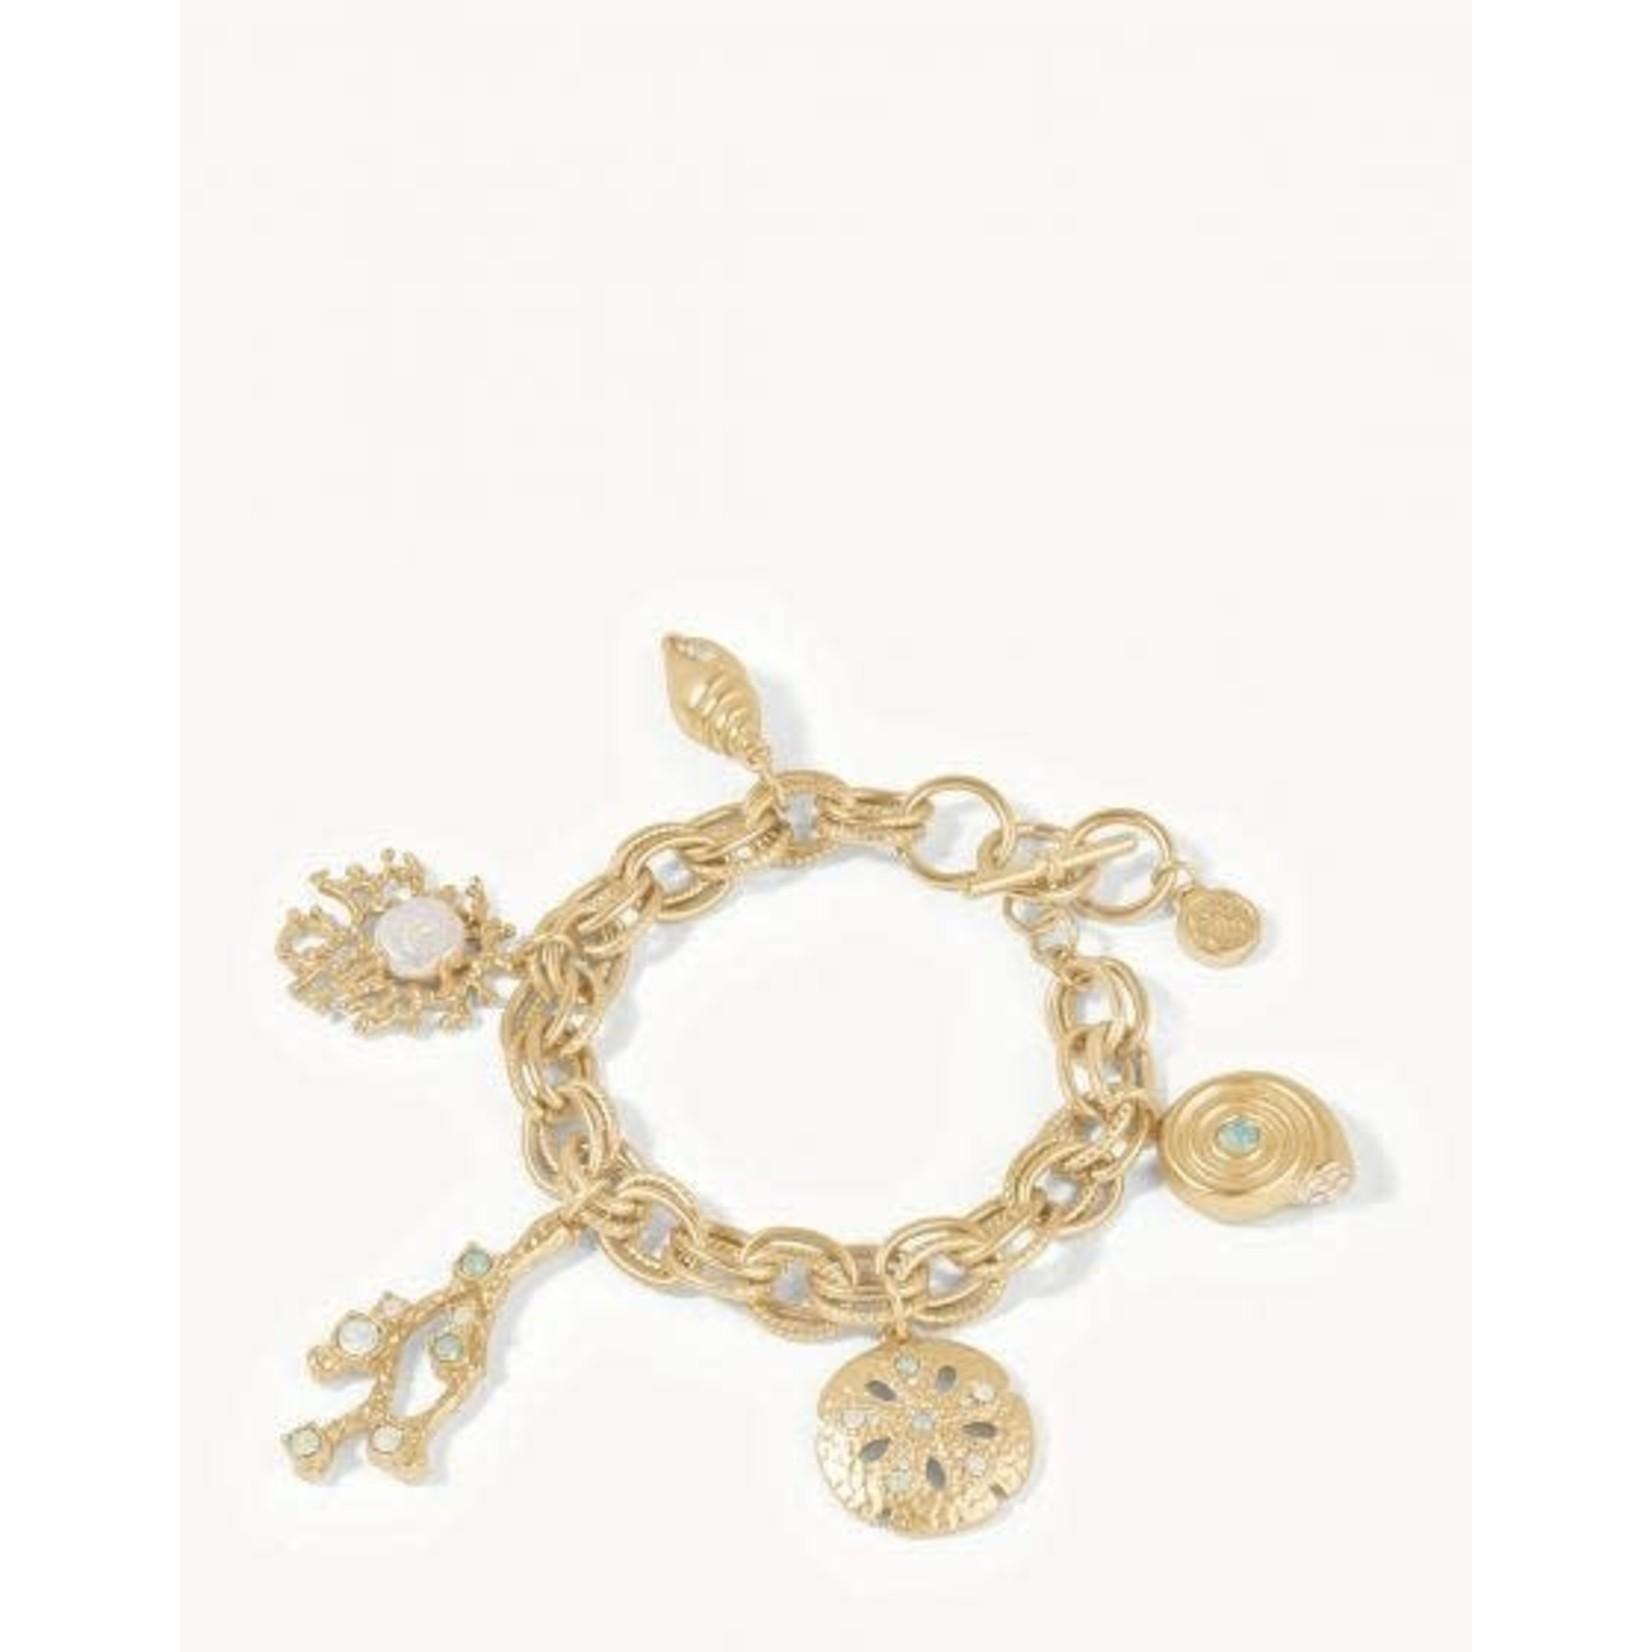 Spartina Sea Treasures Gold Toggle Bracelet